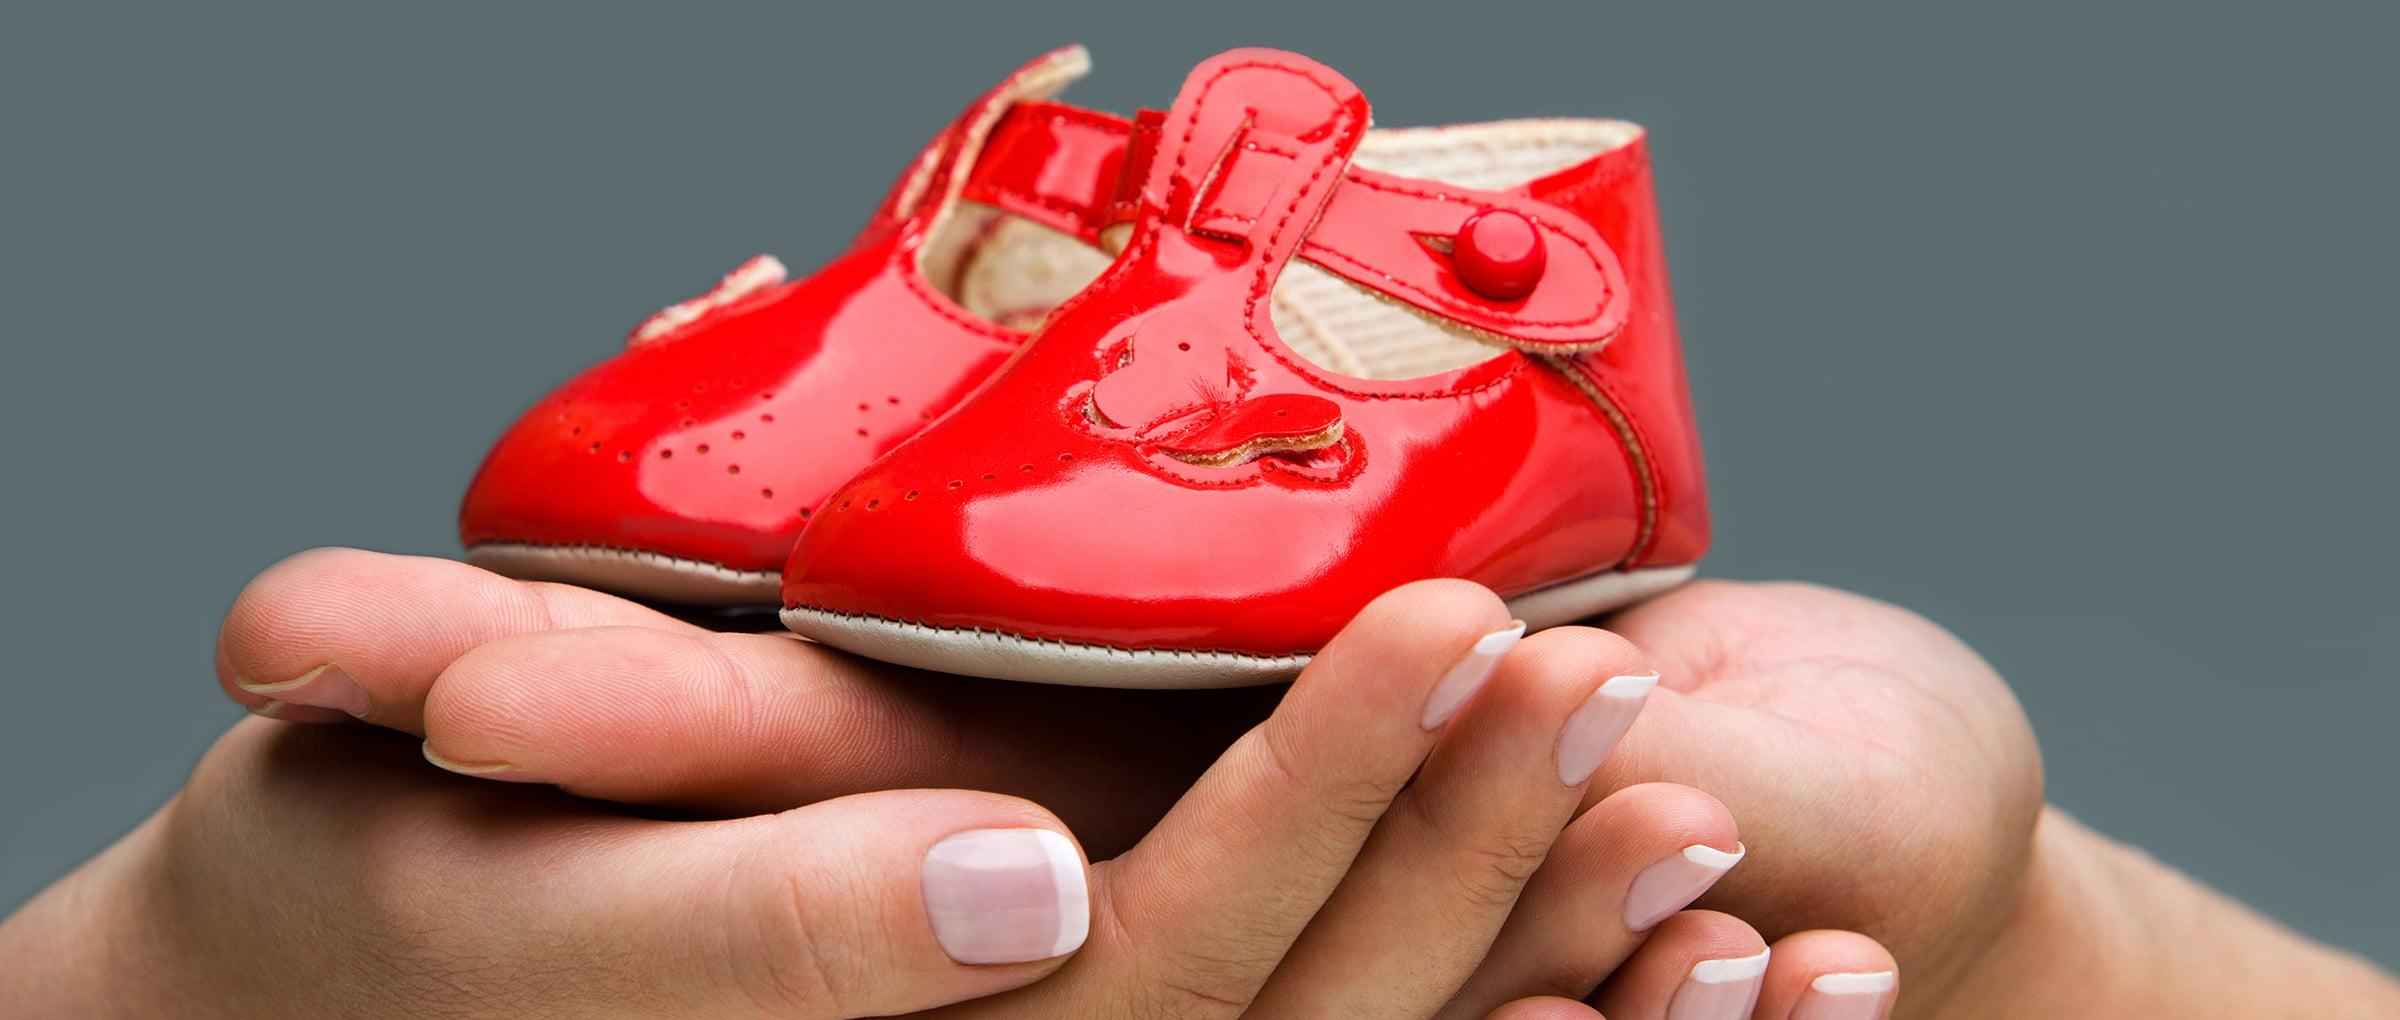 Ser padres gracias a la donación de embriones